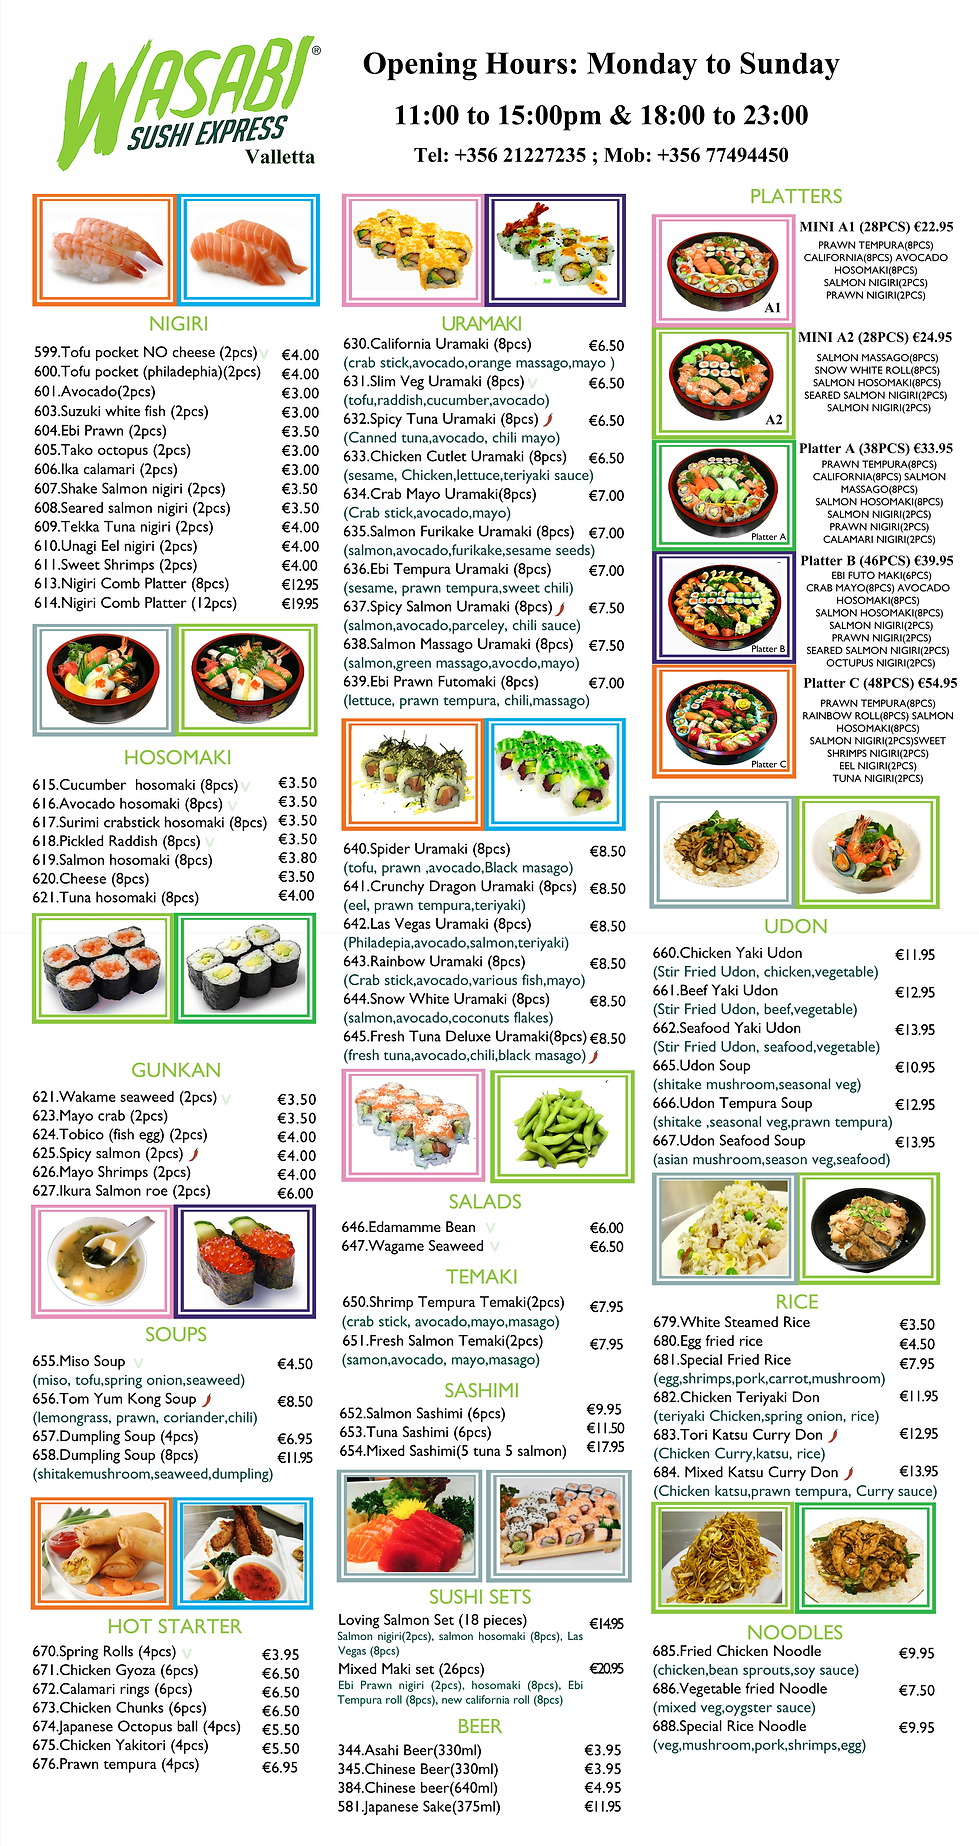 Japanese menu outdoor display 2021.03.17